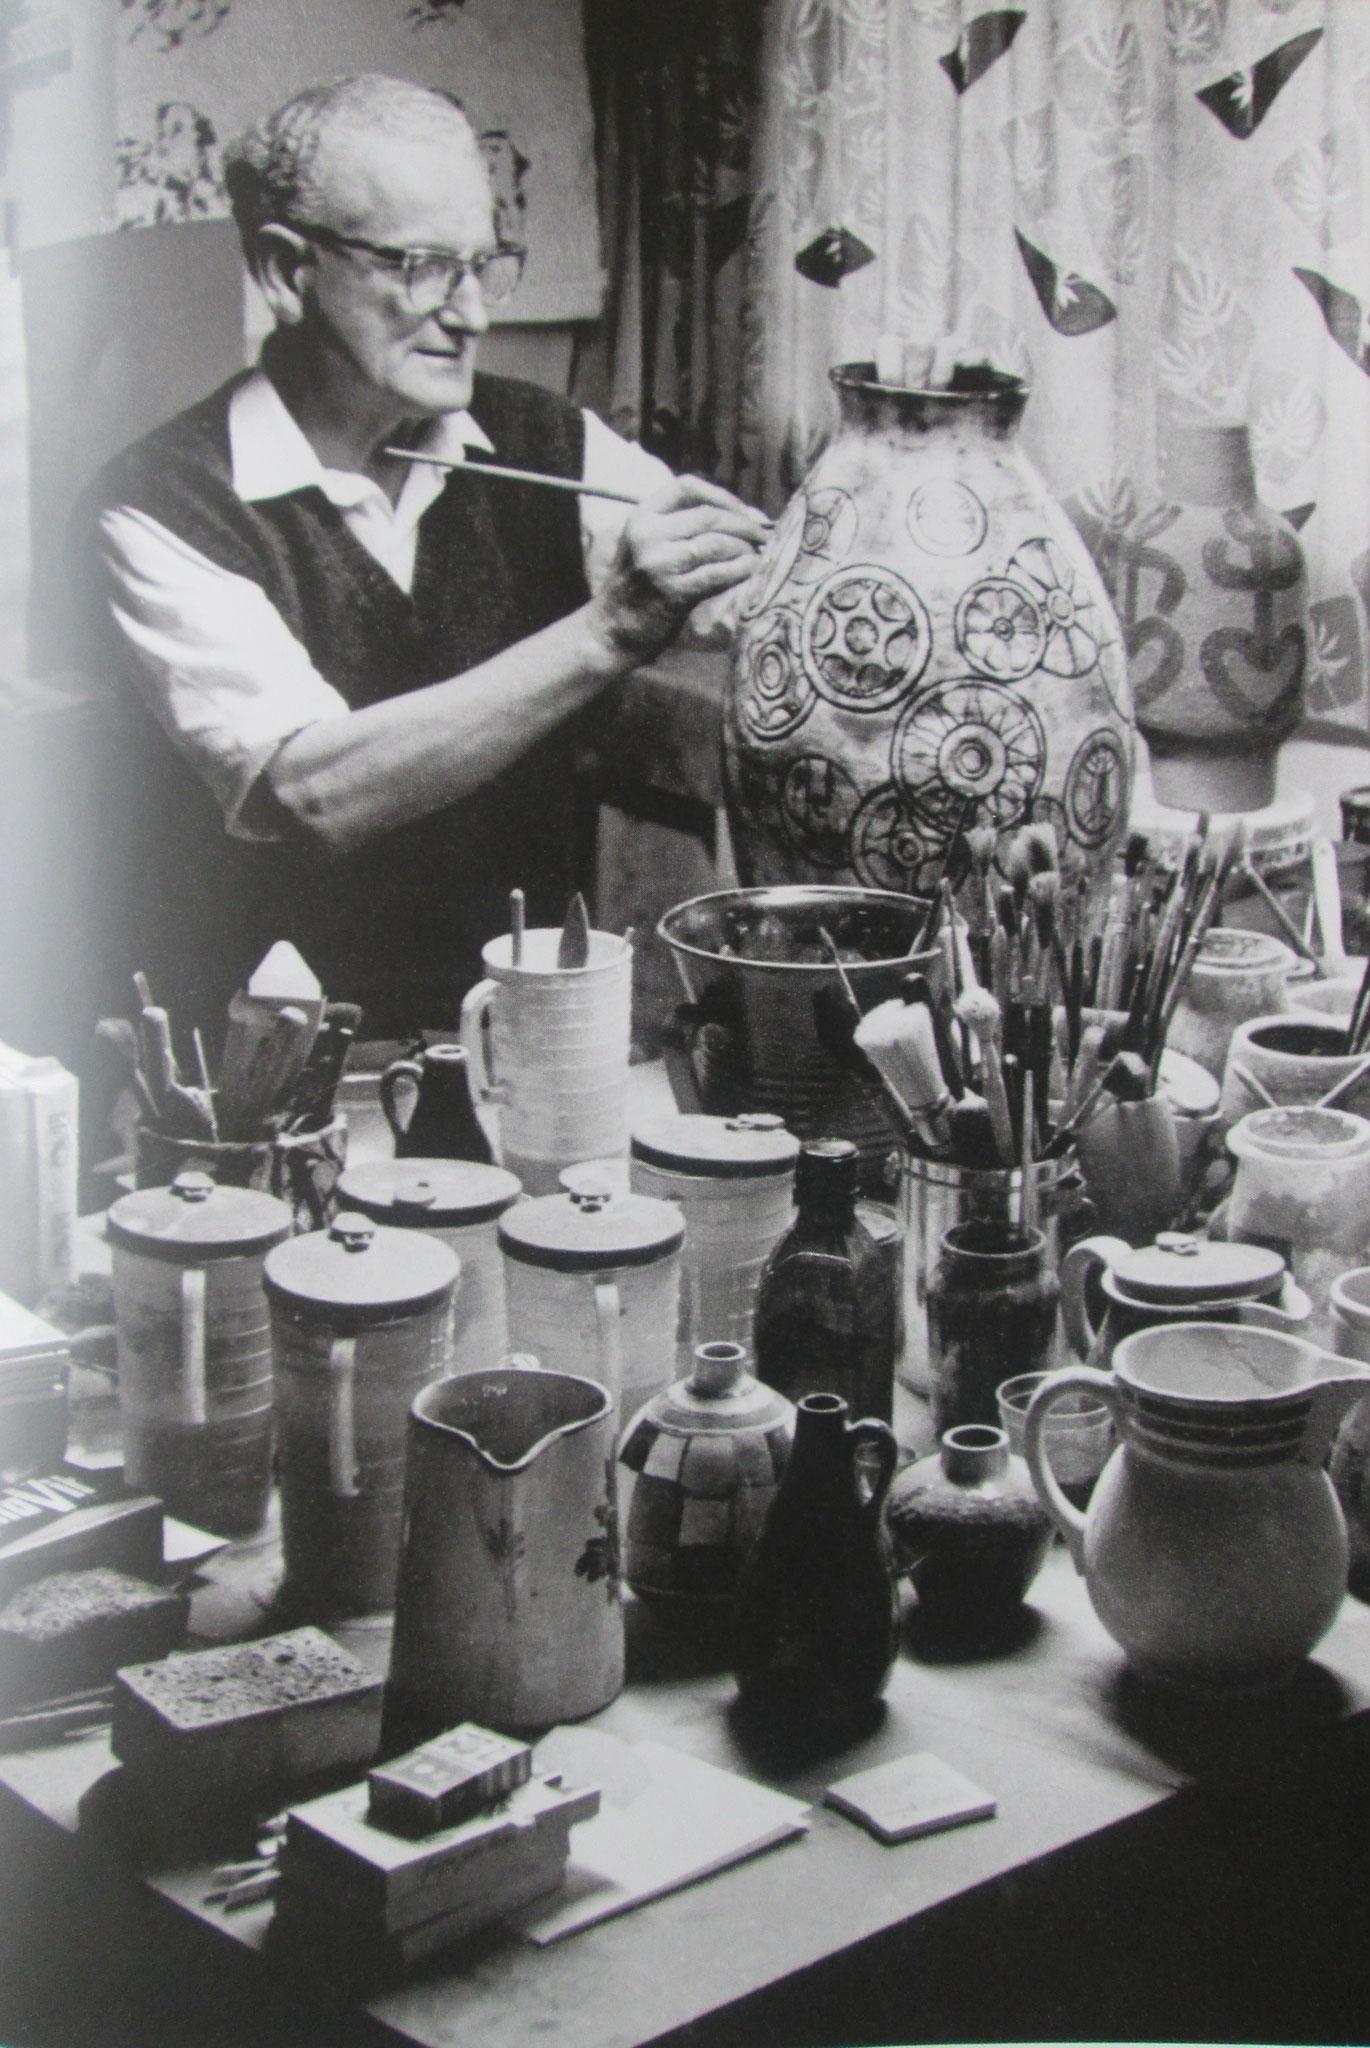 Gustav Spörri beim Verzieren von Keramik in seinem Atelier...